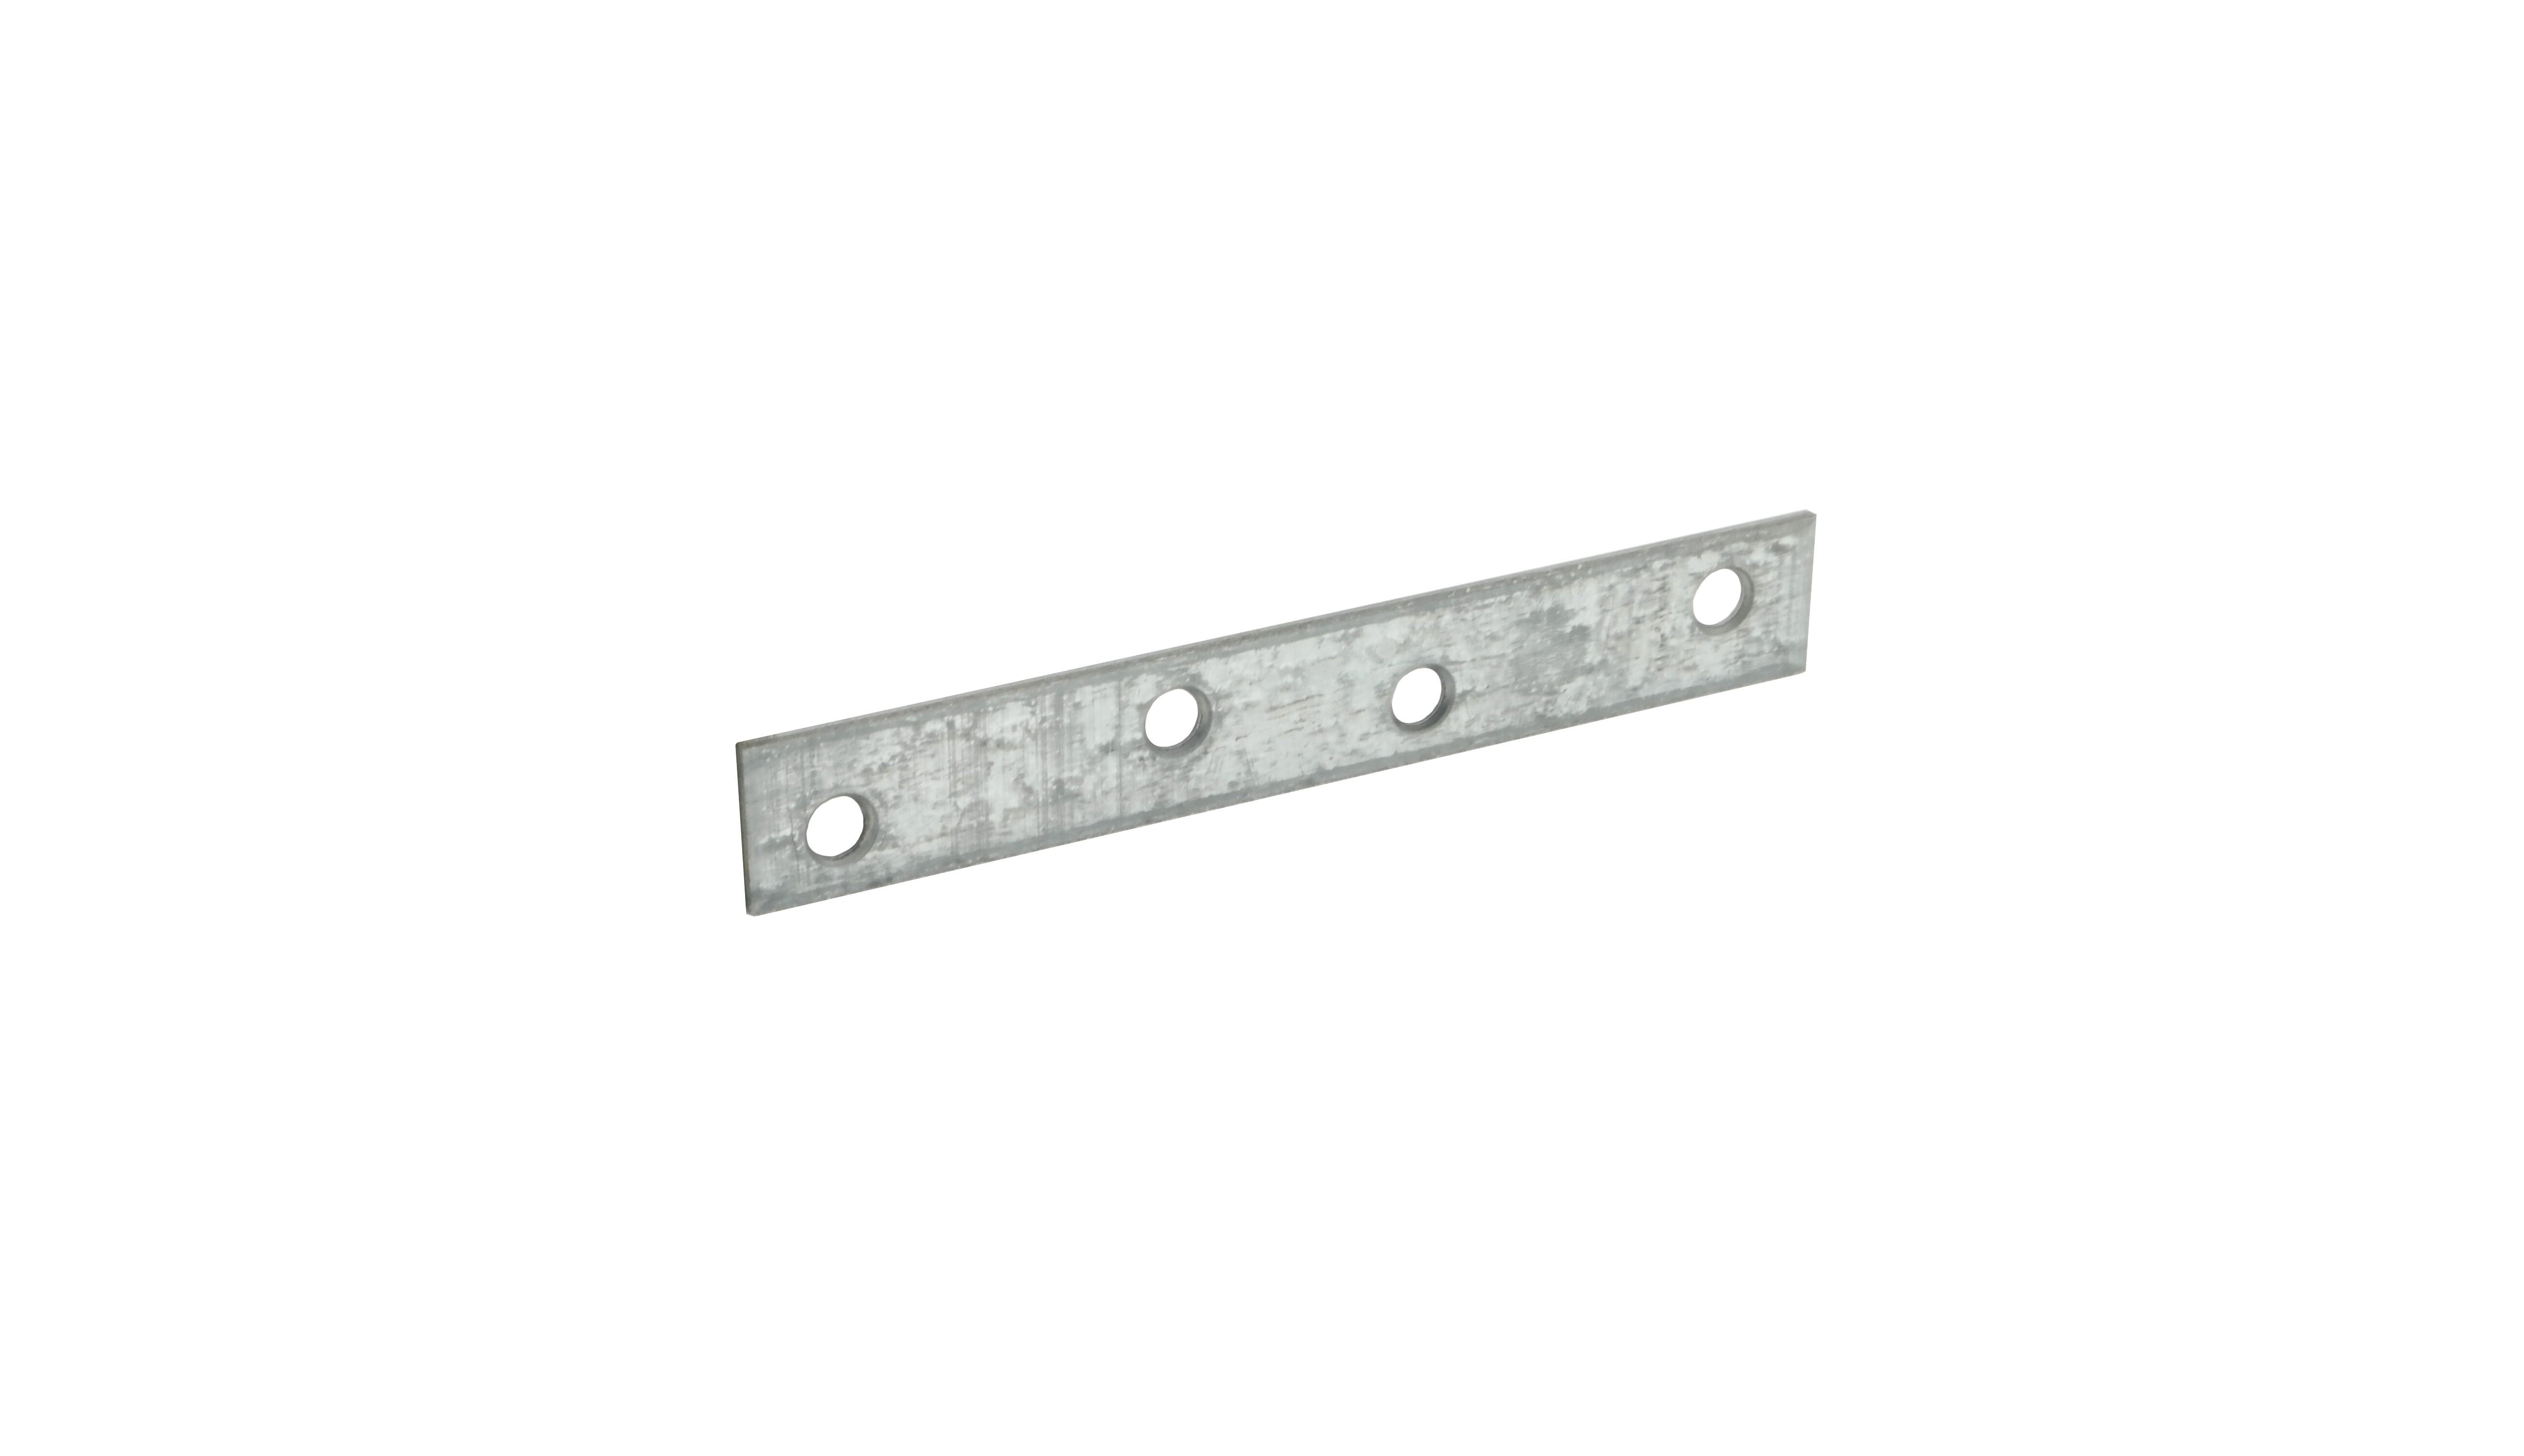 Mending plate 105 15x2 ZM